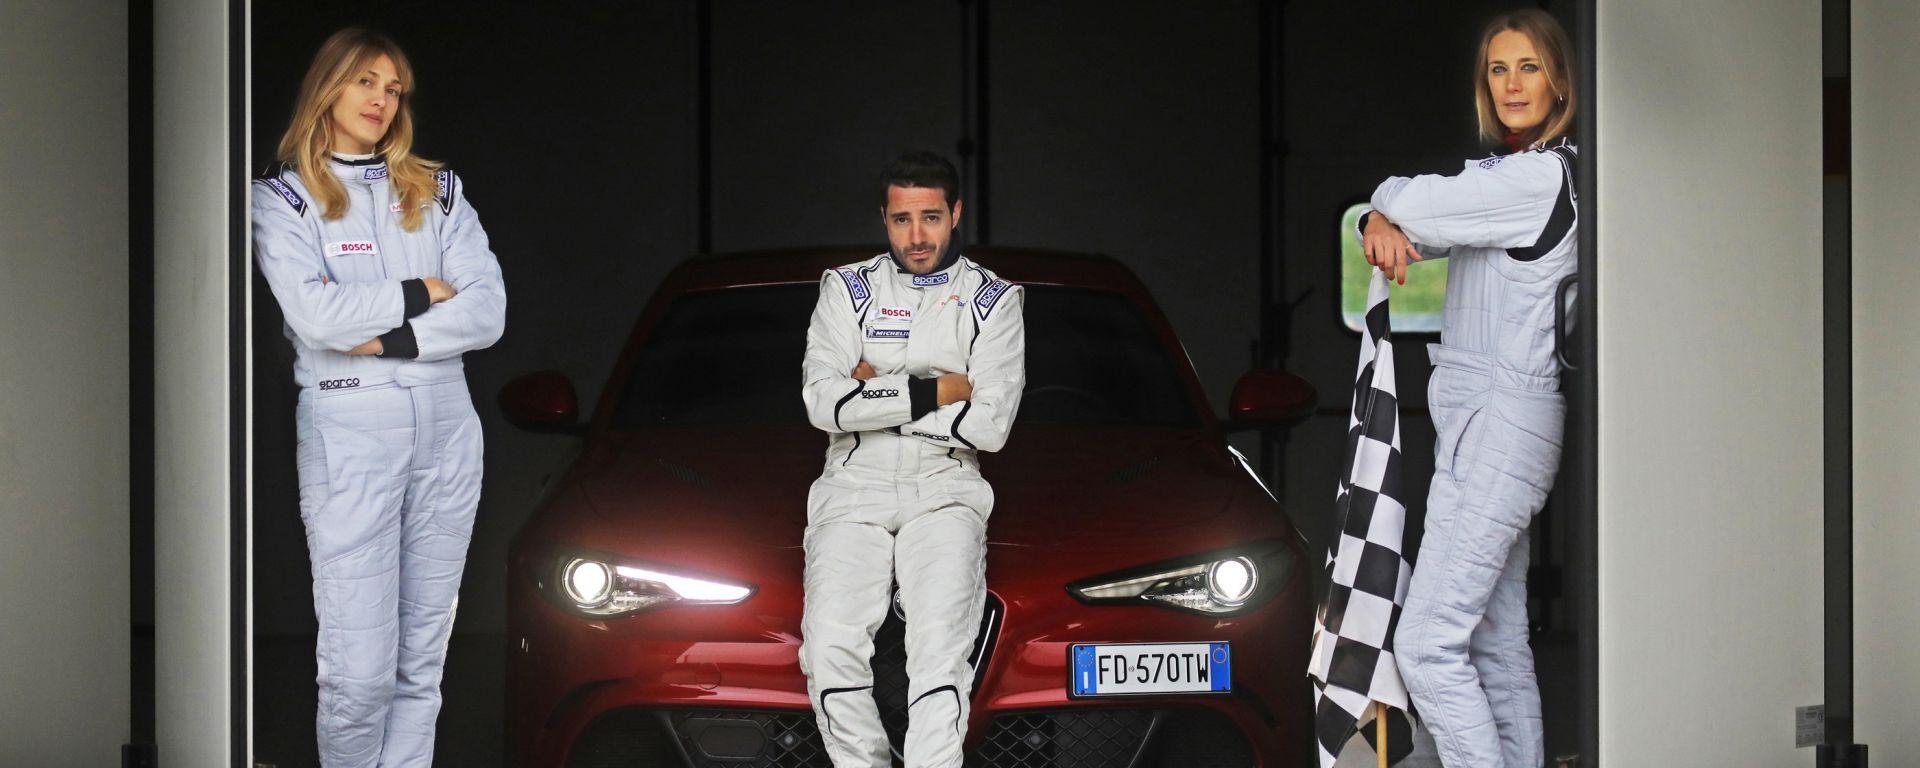 Alfa Giulia Quadrifoglio: in pista con Rachele Sangiuliano e Mara Santangelo [Video]